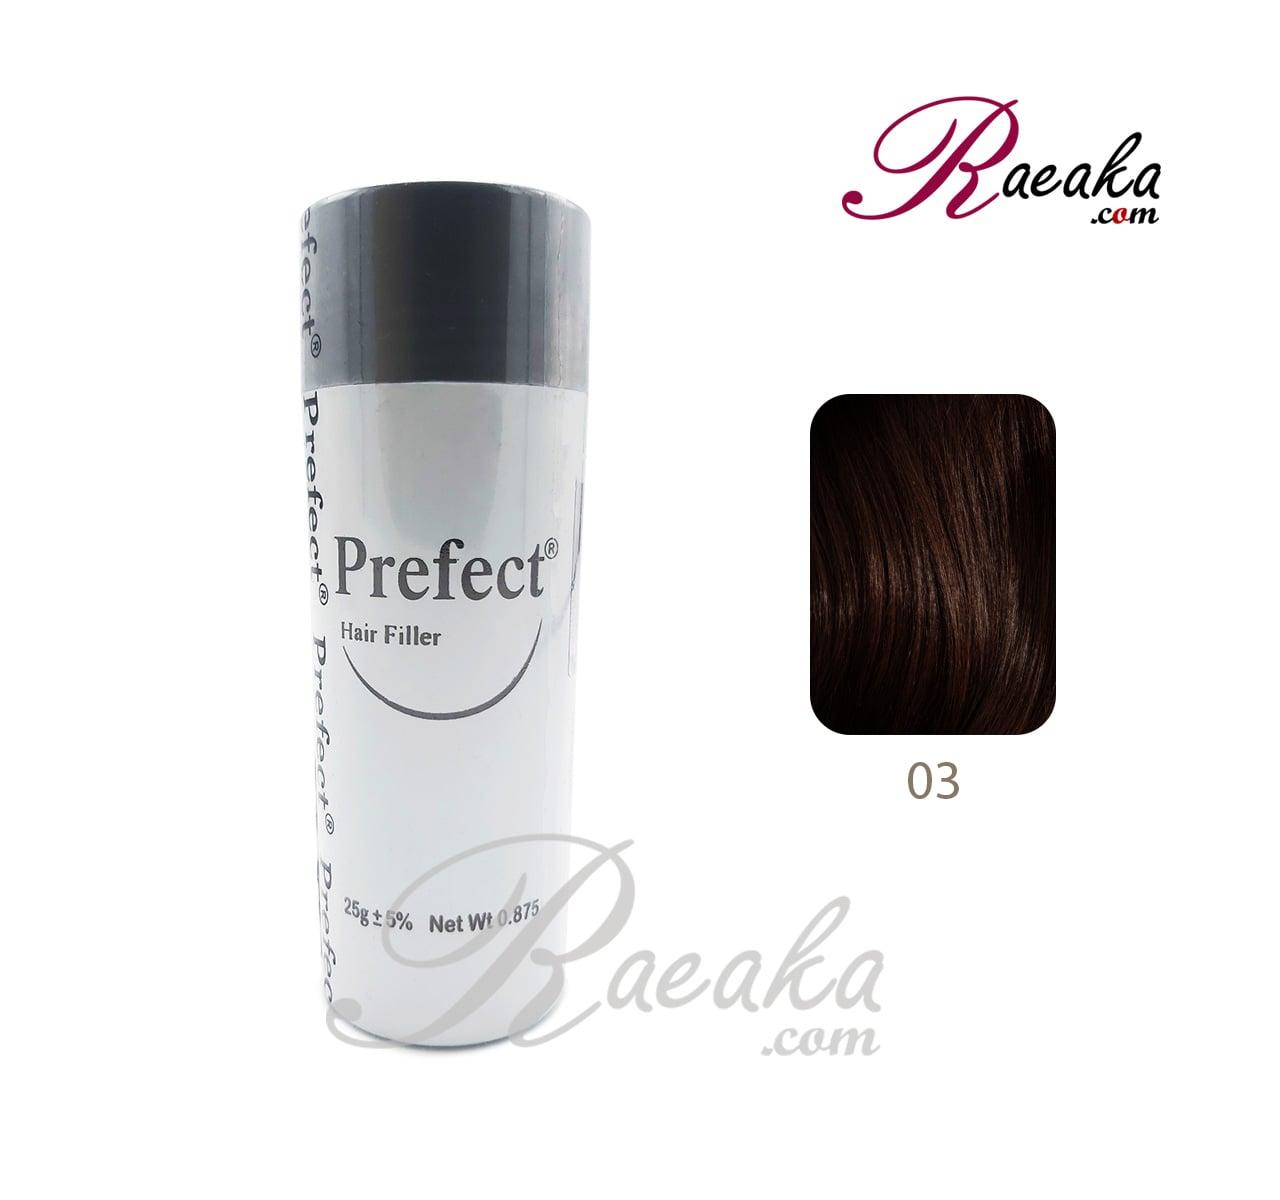 پودر پرپشت کننده مو پرفکت کد 03 - قهوه ای تیره (Dark Brown) وزن خالص 25 گرم